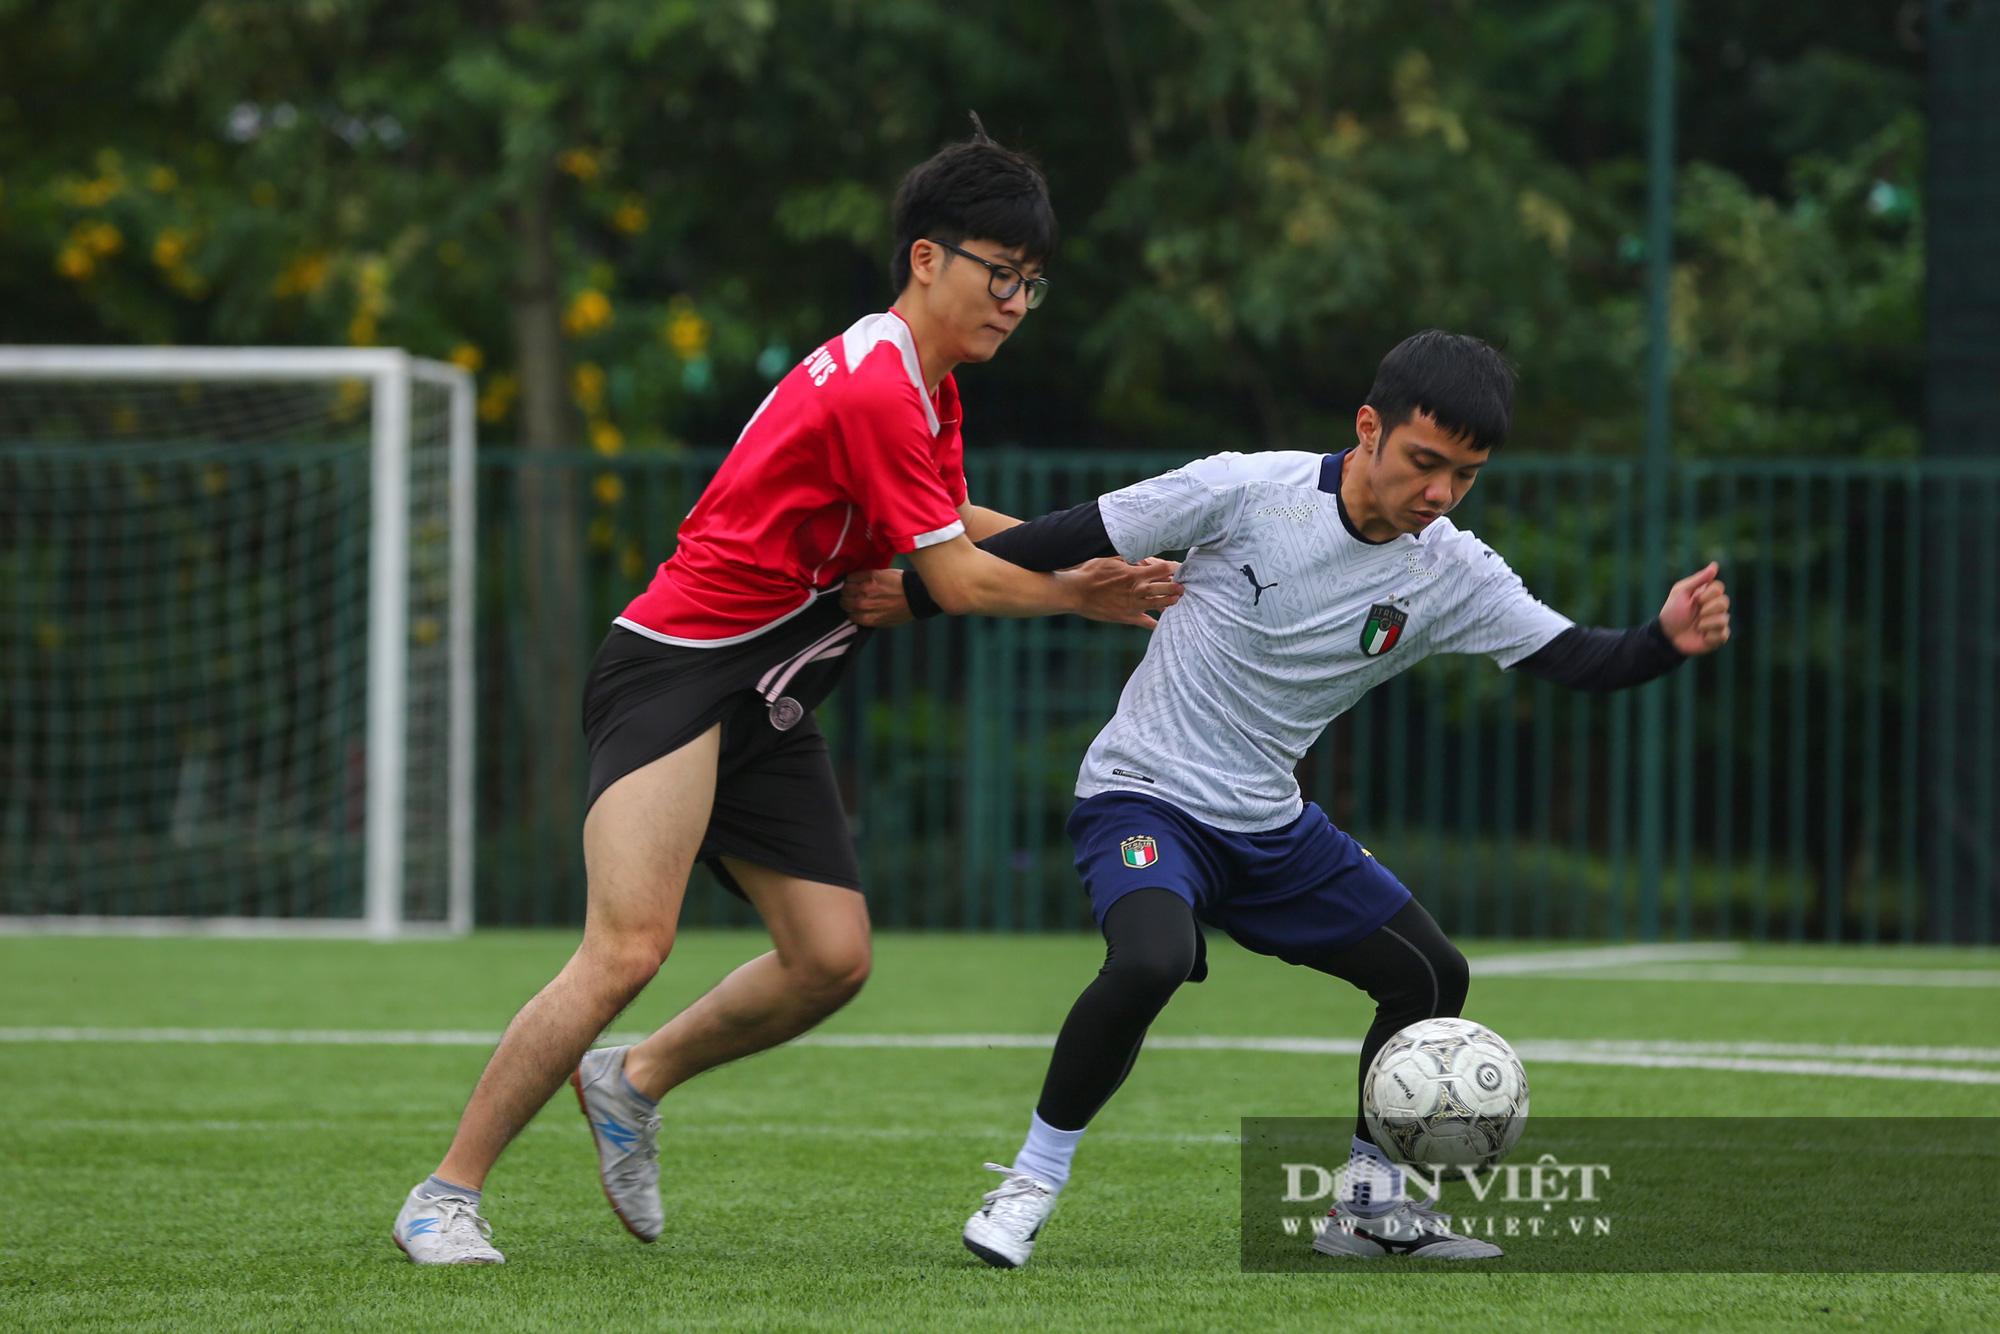 Khoảnh khắc lượt trận cuối cùng vòng bảng giải bóng đá báo NTNN/Dân Việt  - Ảnh 17.